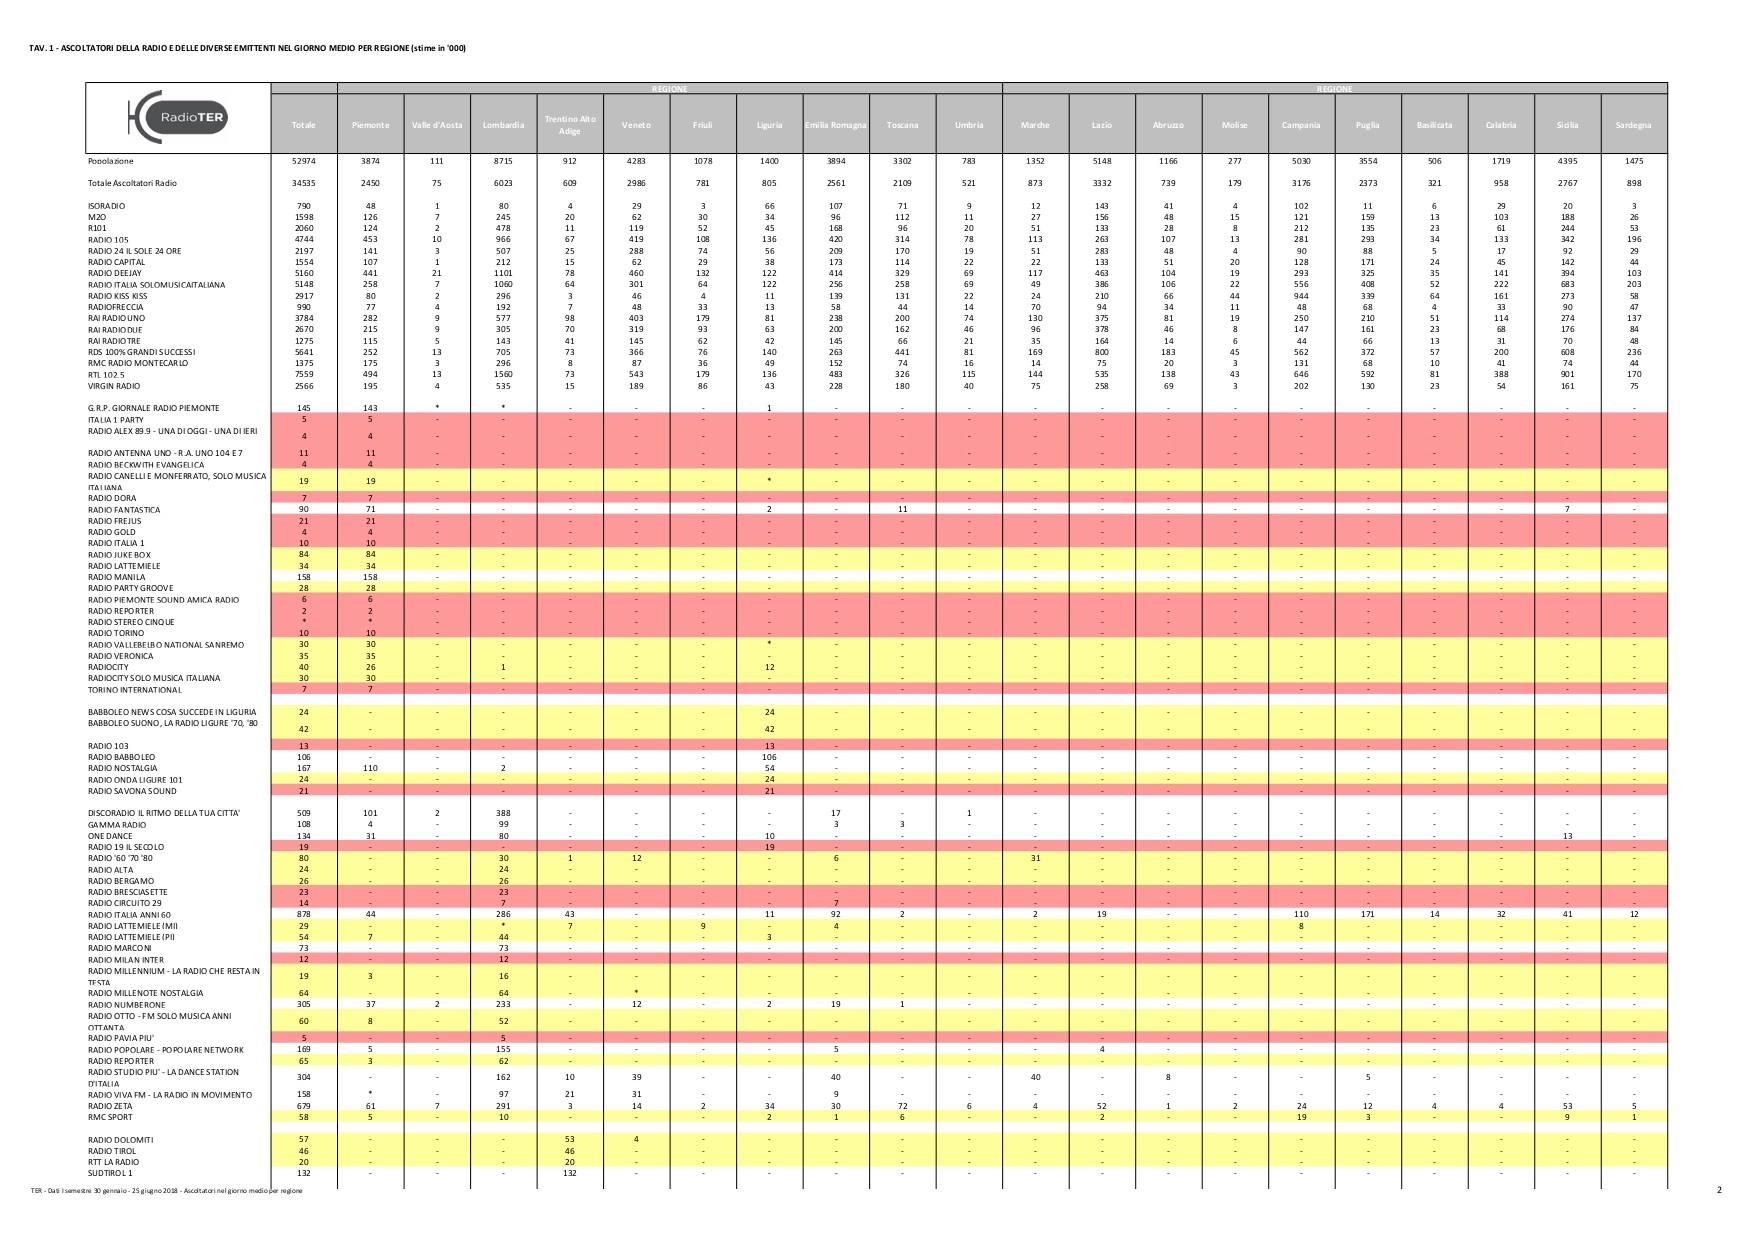 TER 2018 - Radio, indagini di ascolto: pubblicati i dati semestrali 2018 del Tavolo Editori Radio. Calano gli ascolti, crescono solo Kiss Kiss, Radio 24 e Radiofreccia